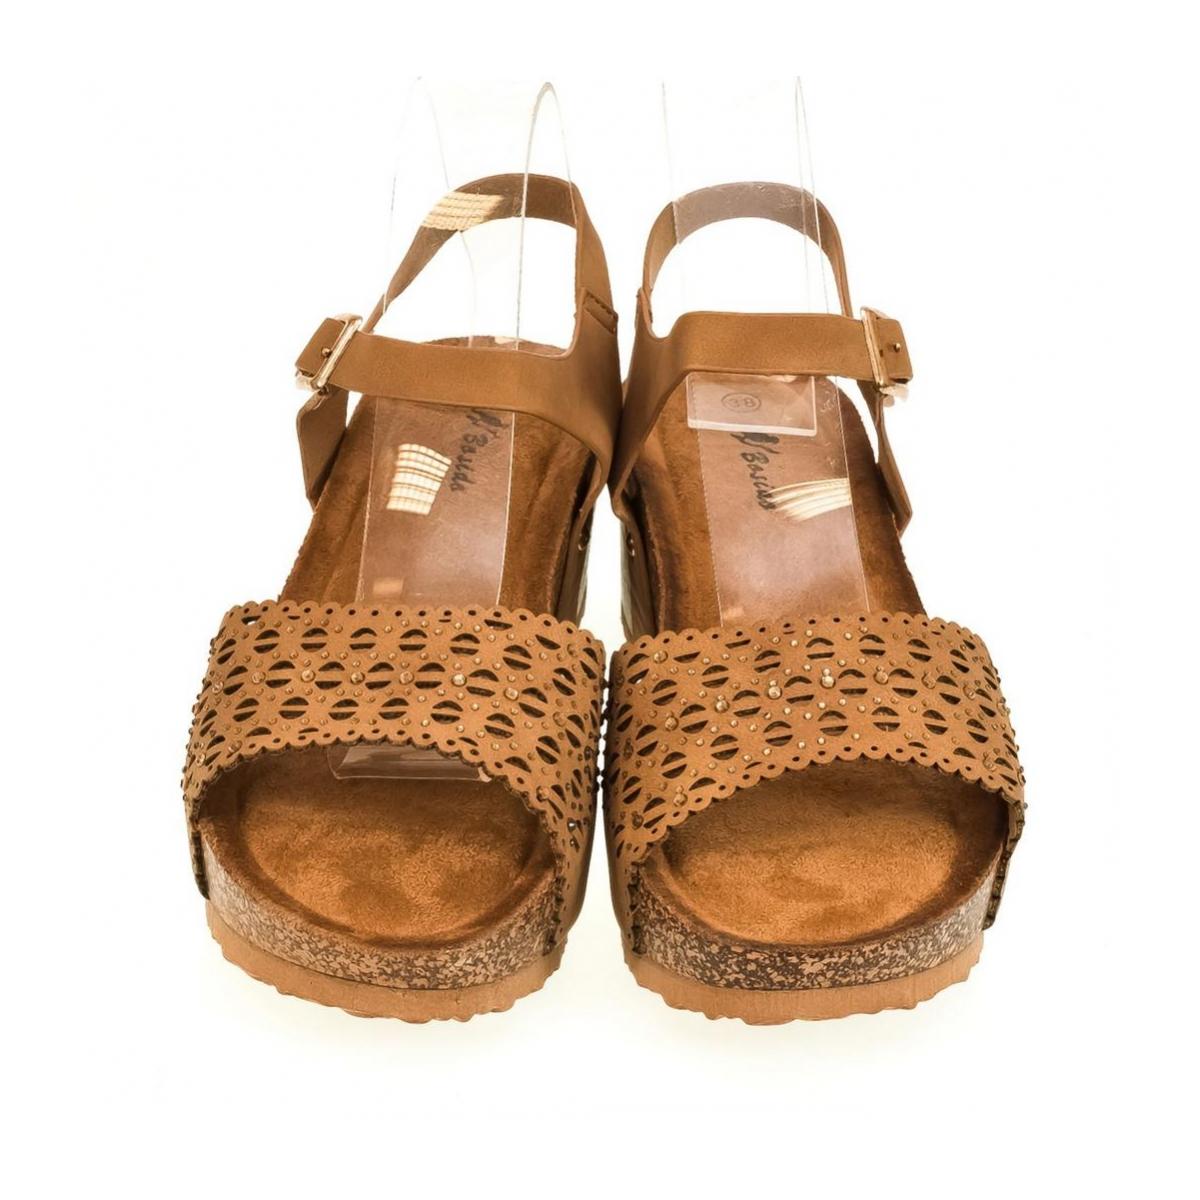 cda6a5a957 Dámske hnedé sandále SHARI - 2